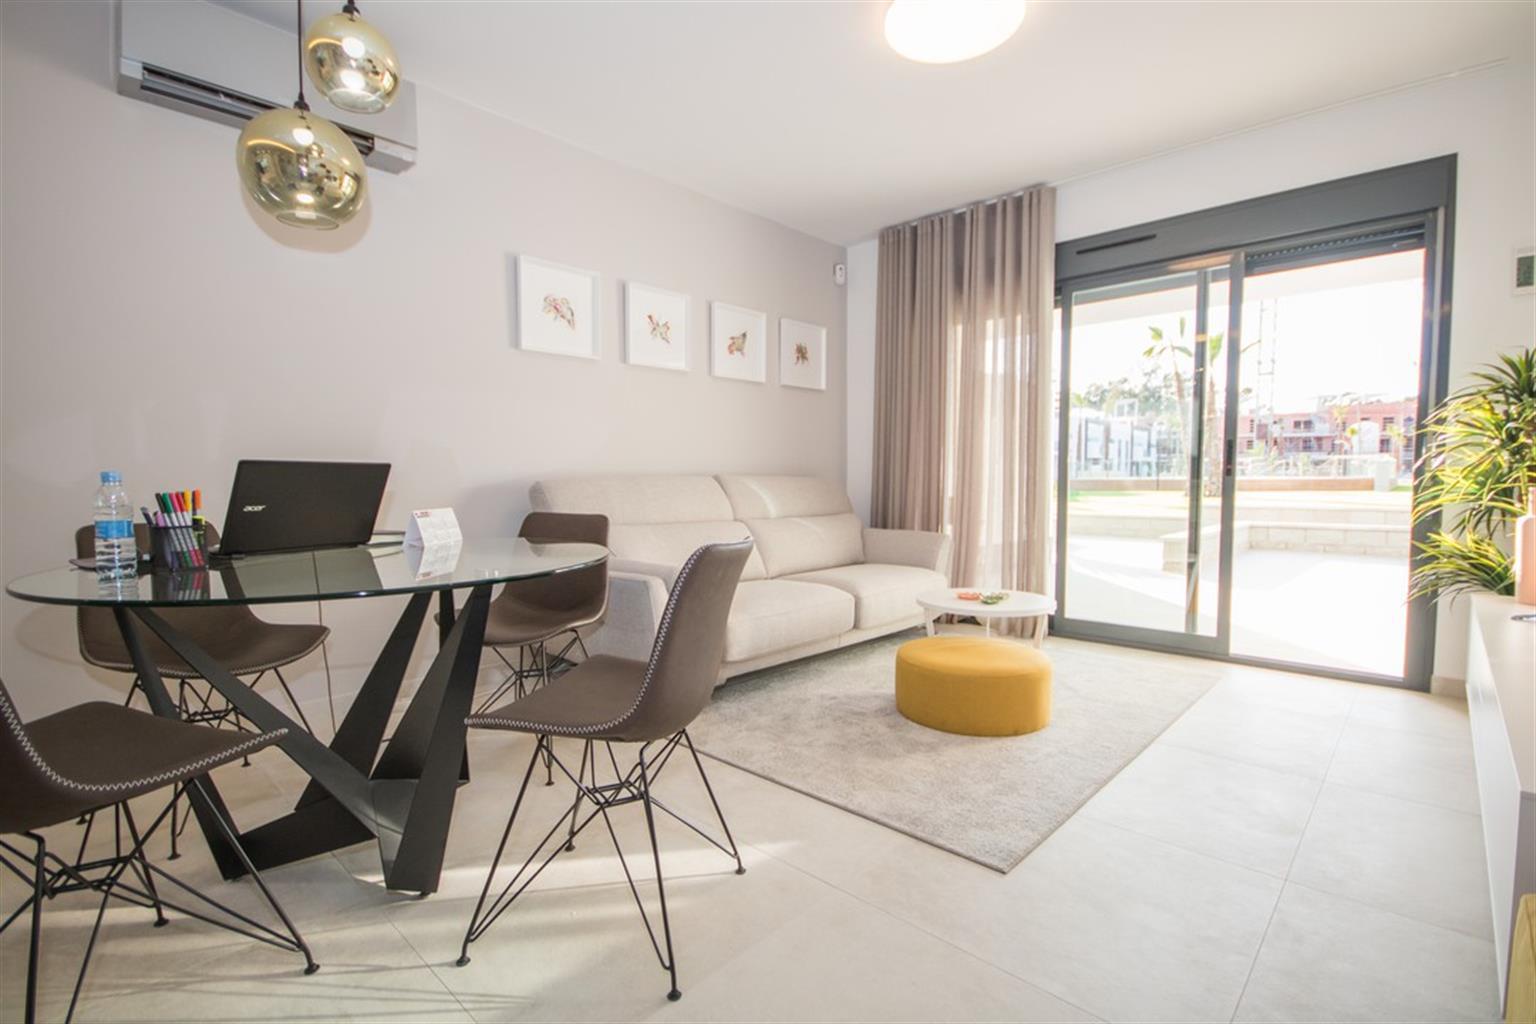 Appartement - El Raso  - #4230271-27